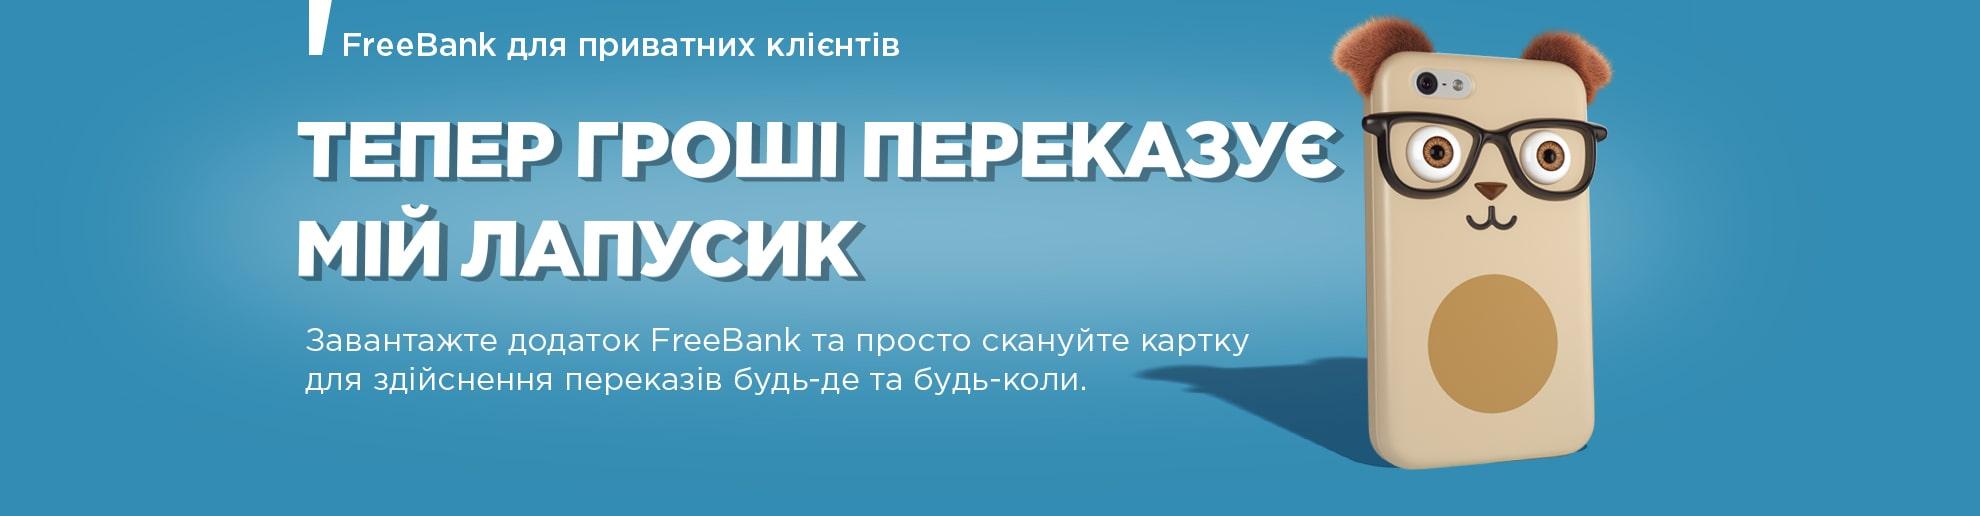 кредит онлайн на карту pozichkacom онлайн калькулятор в столбик на умножение